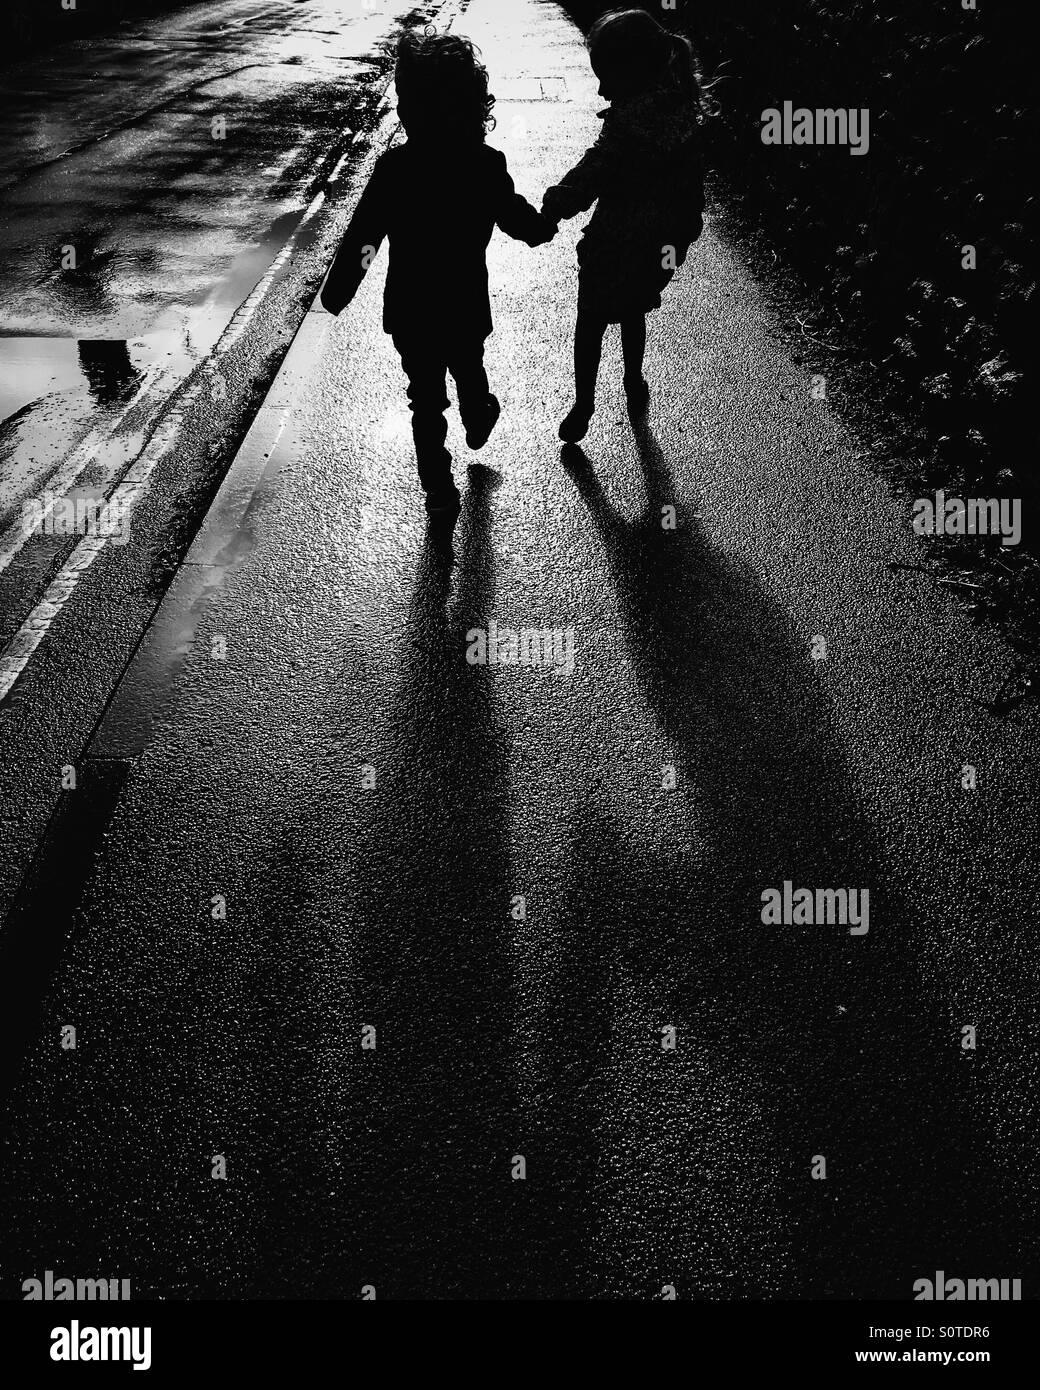 Silueta de dos niños tomados de las manos Imagen De Stock